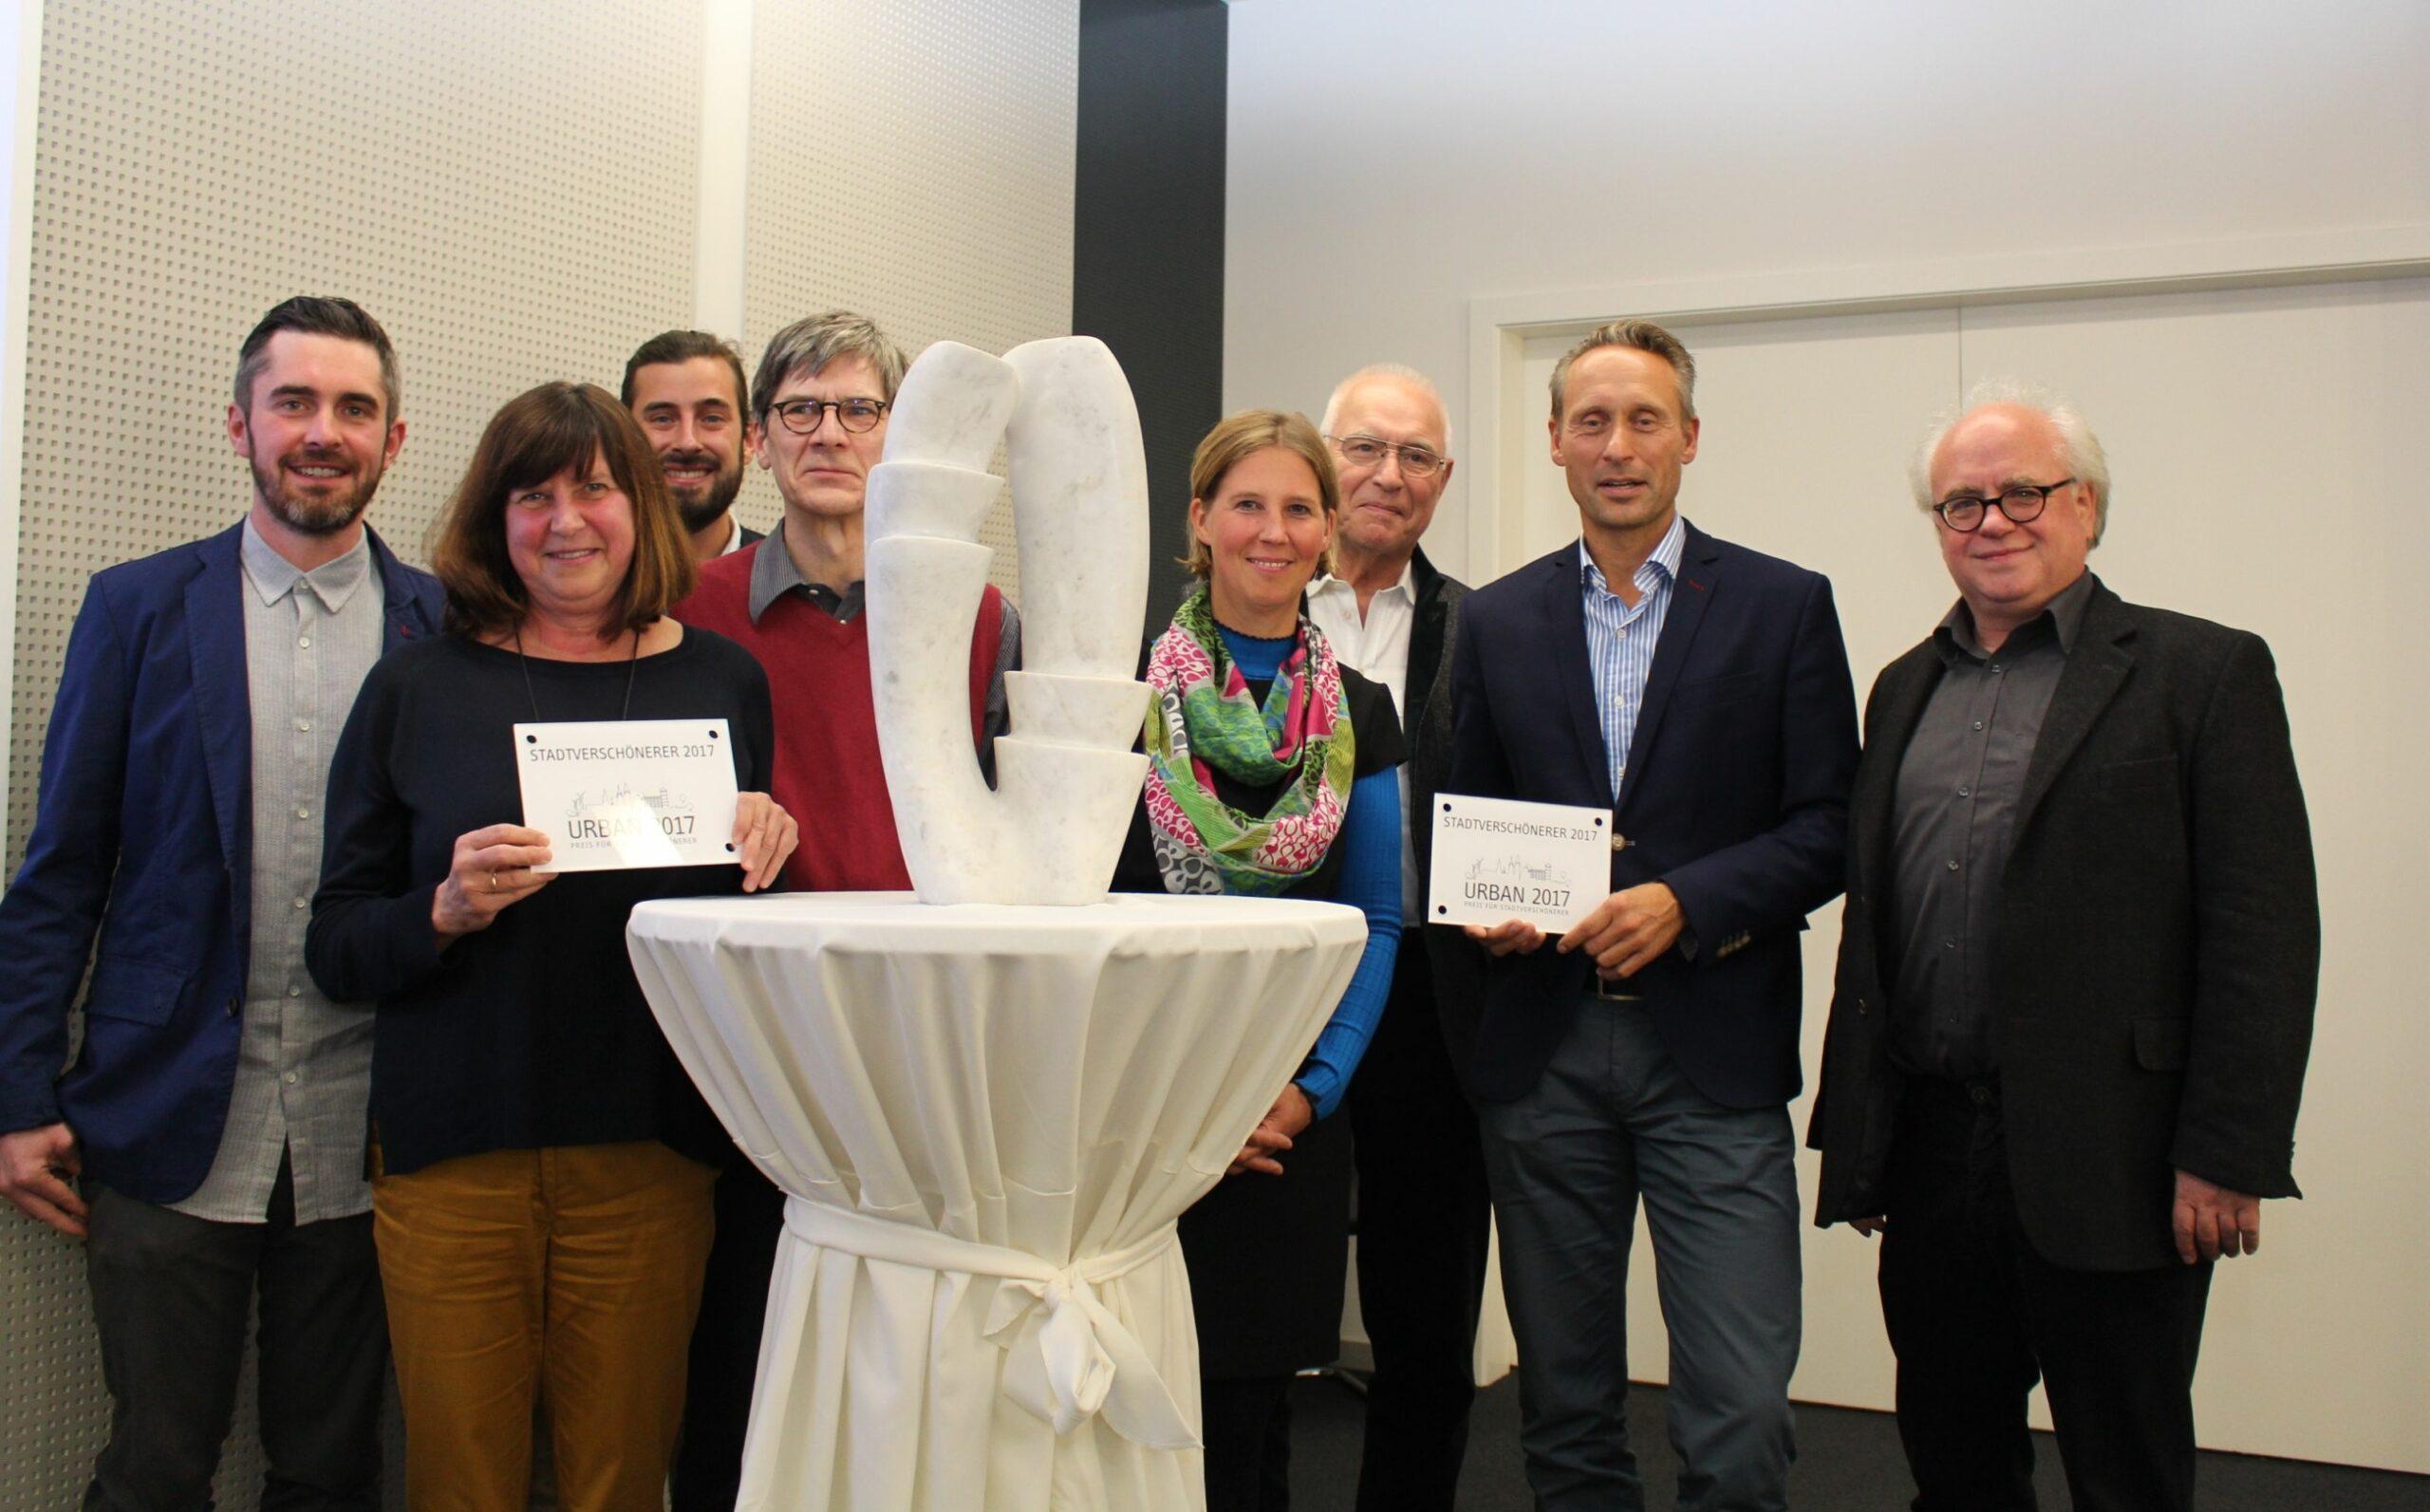 Preisträger URBAN 2017_Stadt Guetersloh